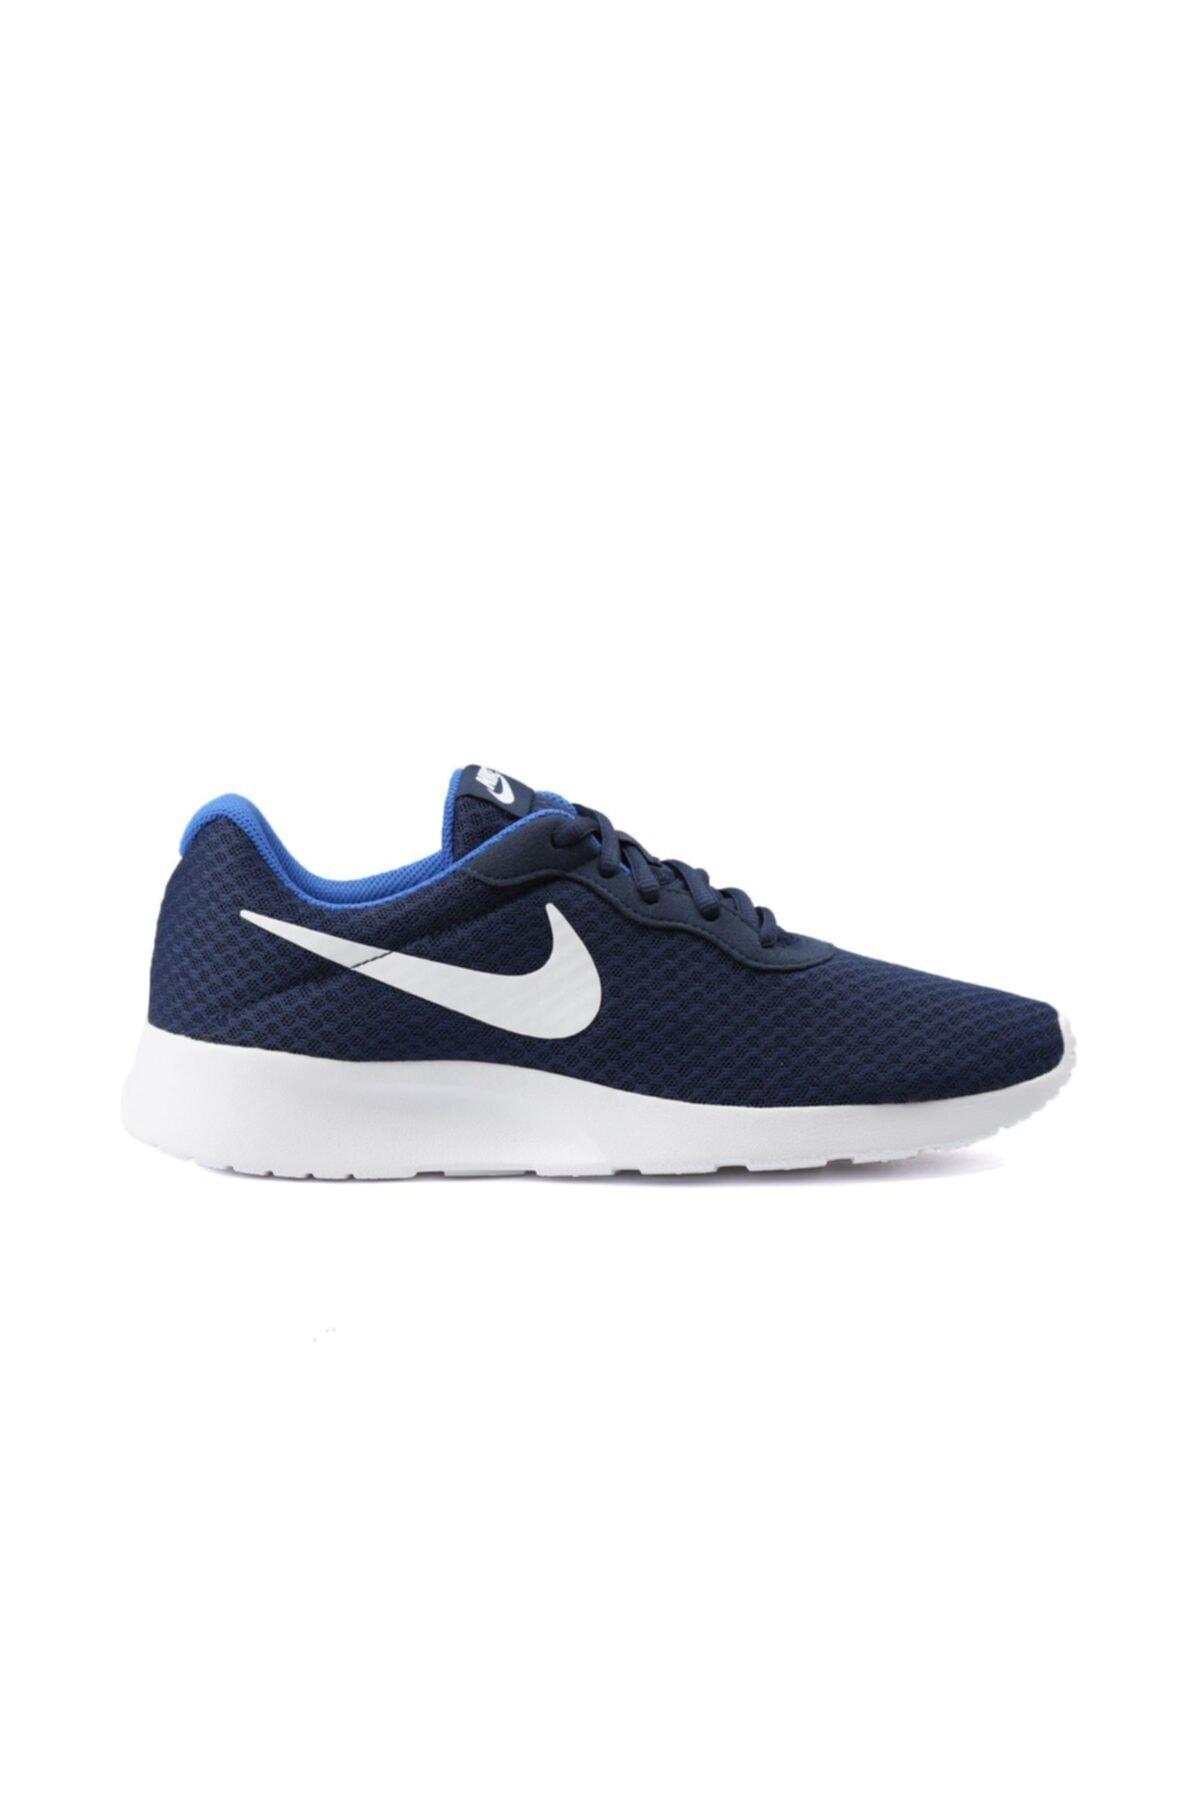 Nike 812654-414 Erkek Spor Ayakkabı Tanjun Ayakkabı 2